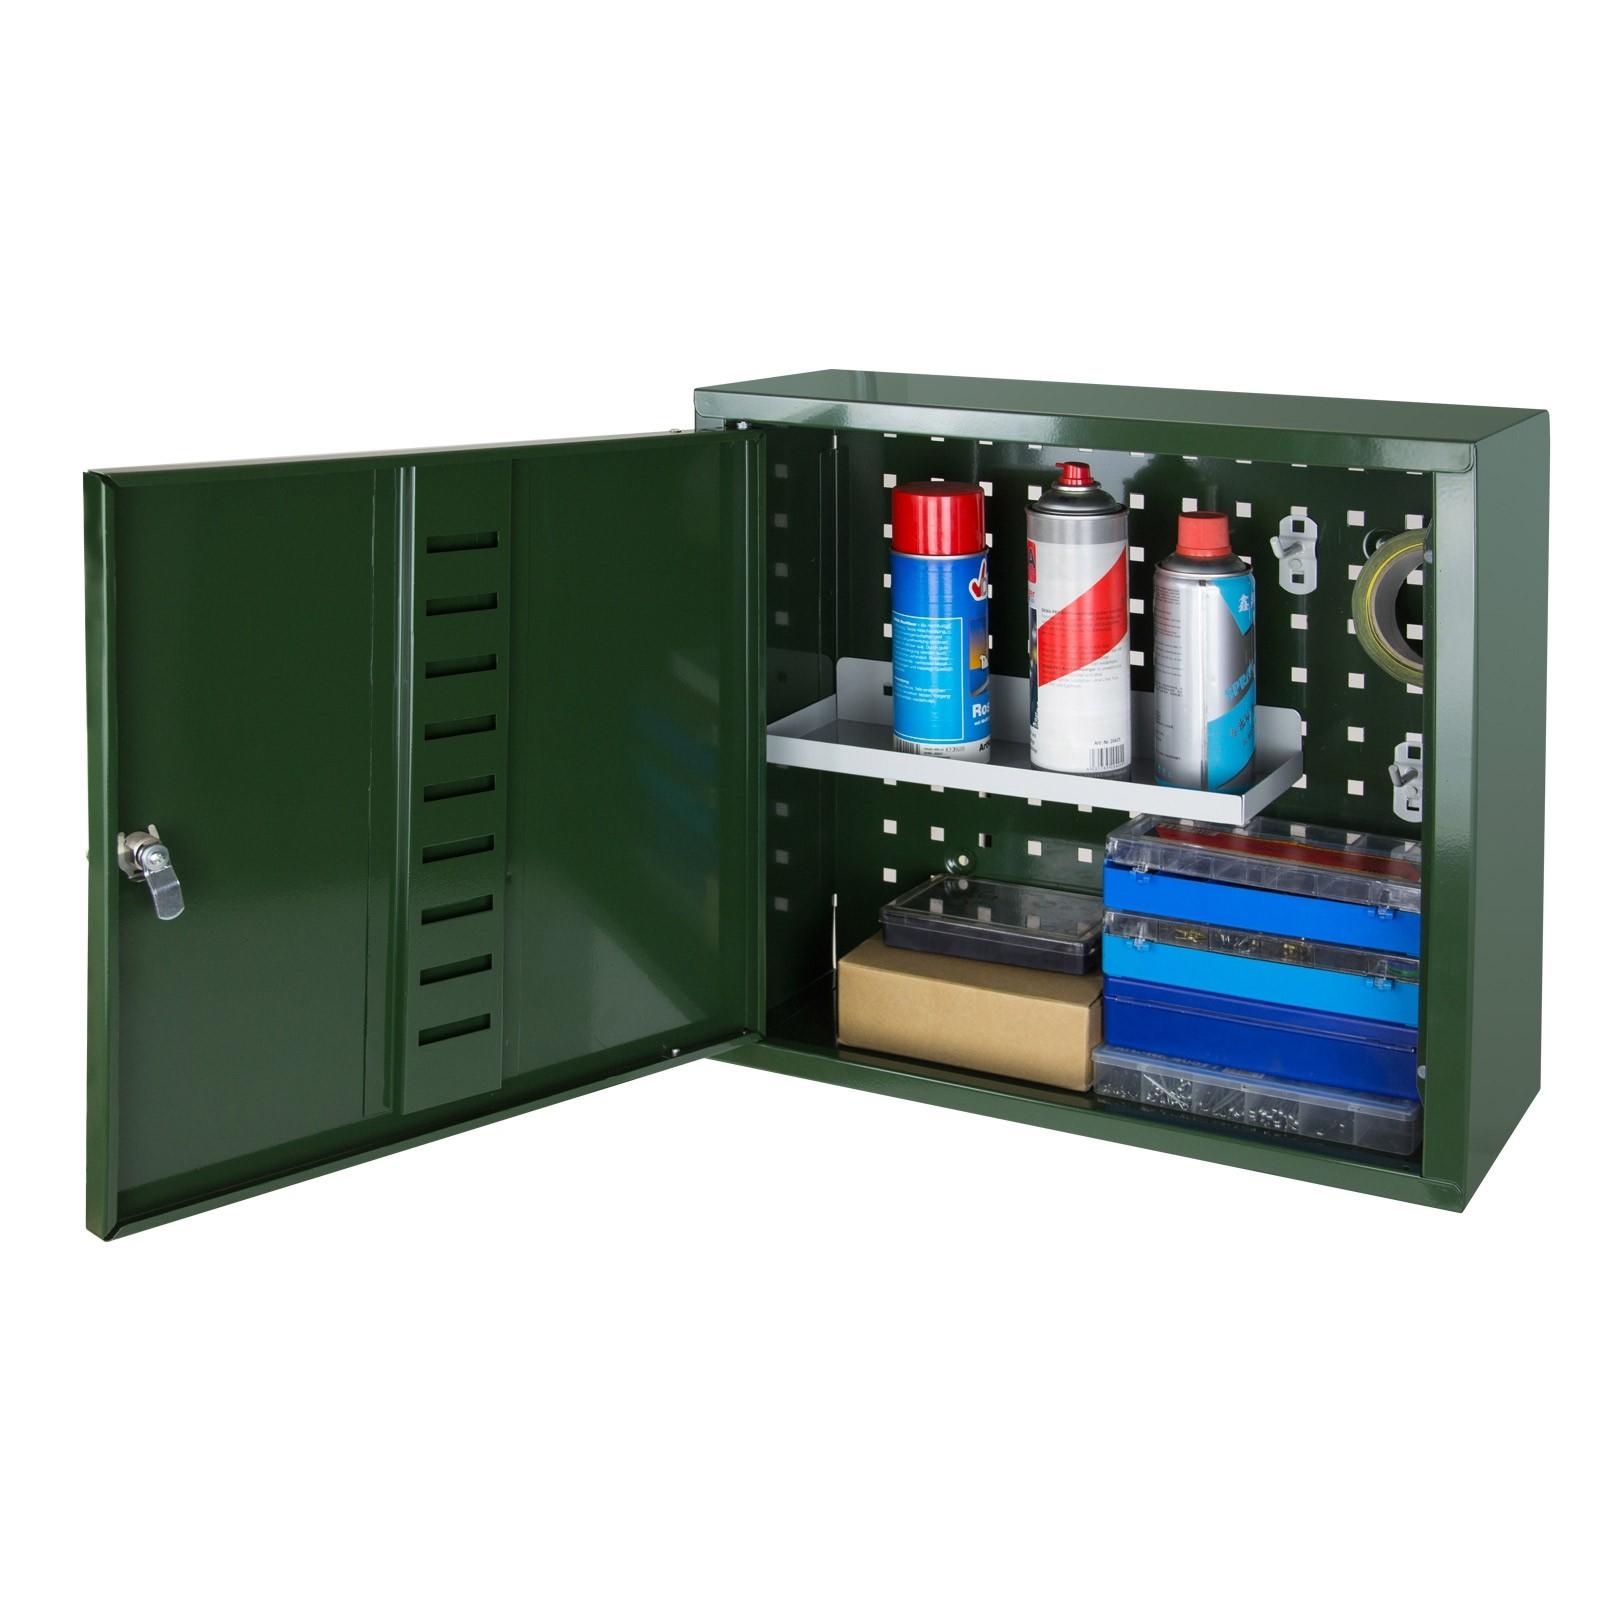 Dema Hängeschrank / Munitionsschrank grün 51x47x20 cm 40914